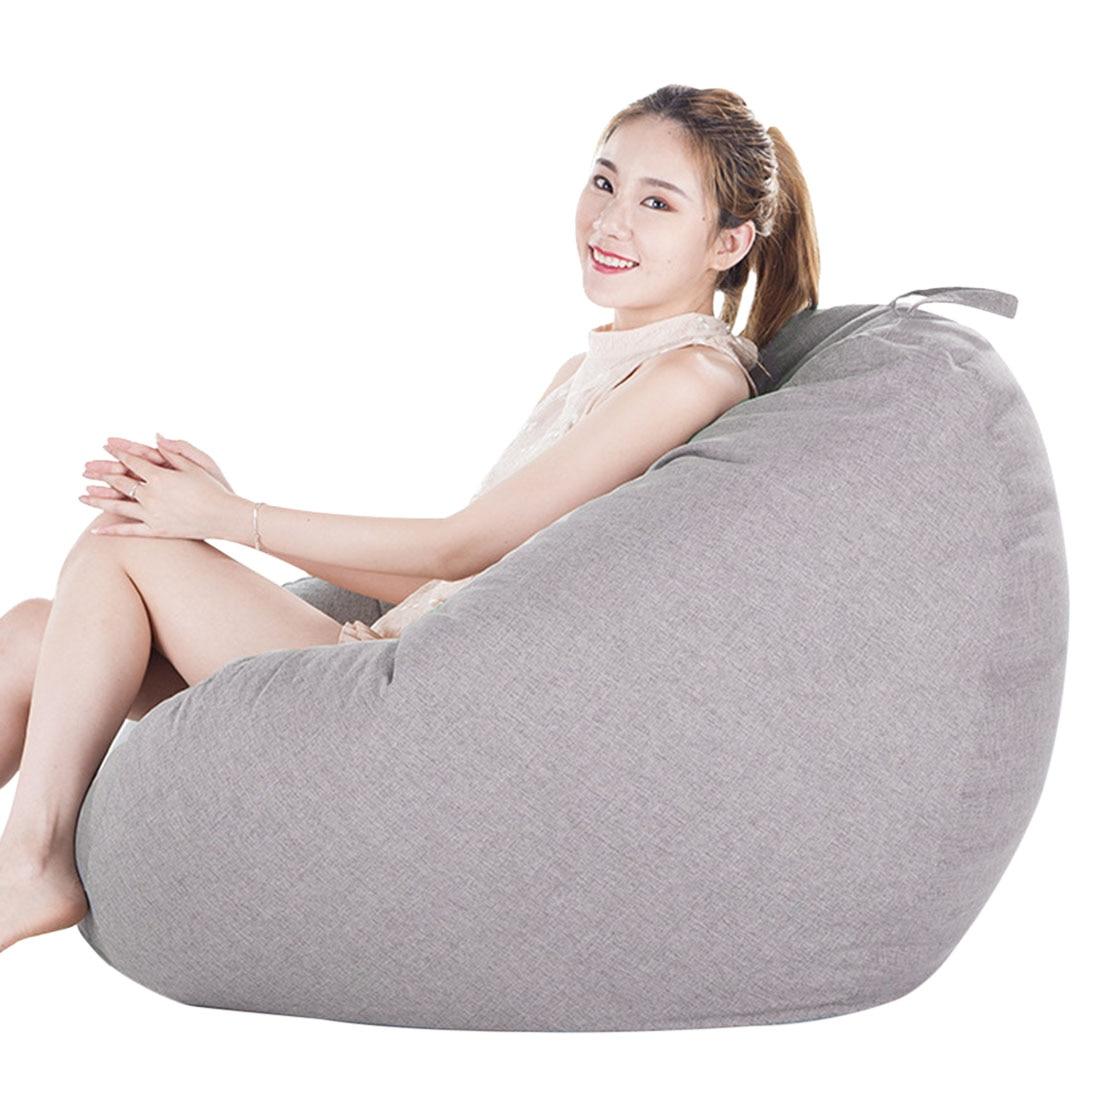 Pouf canapés pour enfant adulte salon paresseux canapé chaise enfants chambre Relax fainéant sac chaise salon pouf canapé